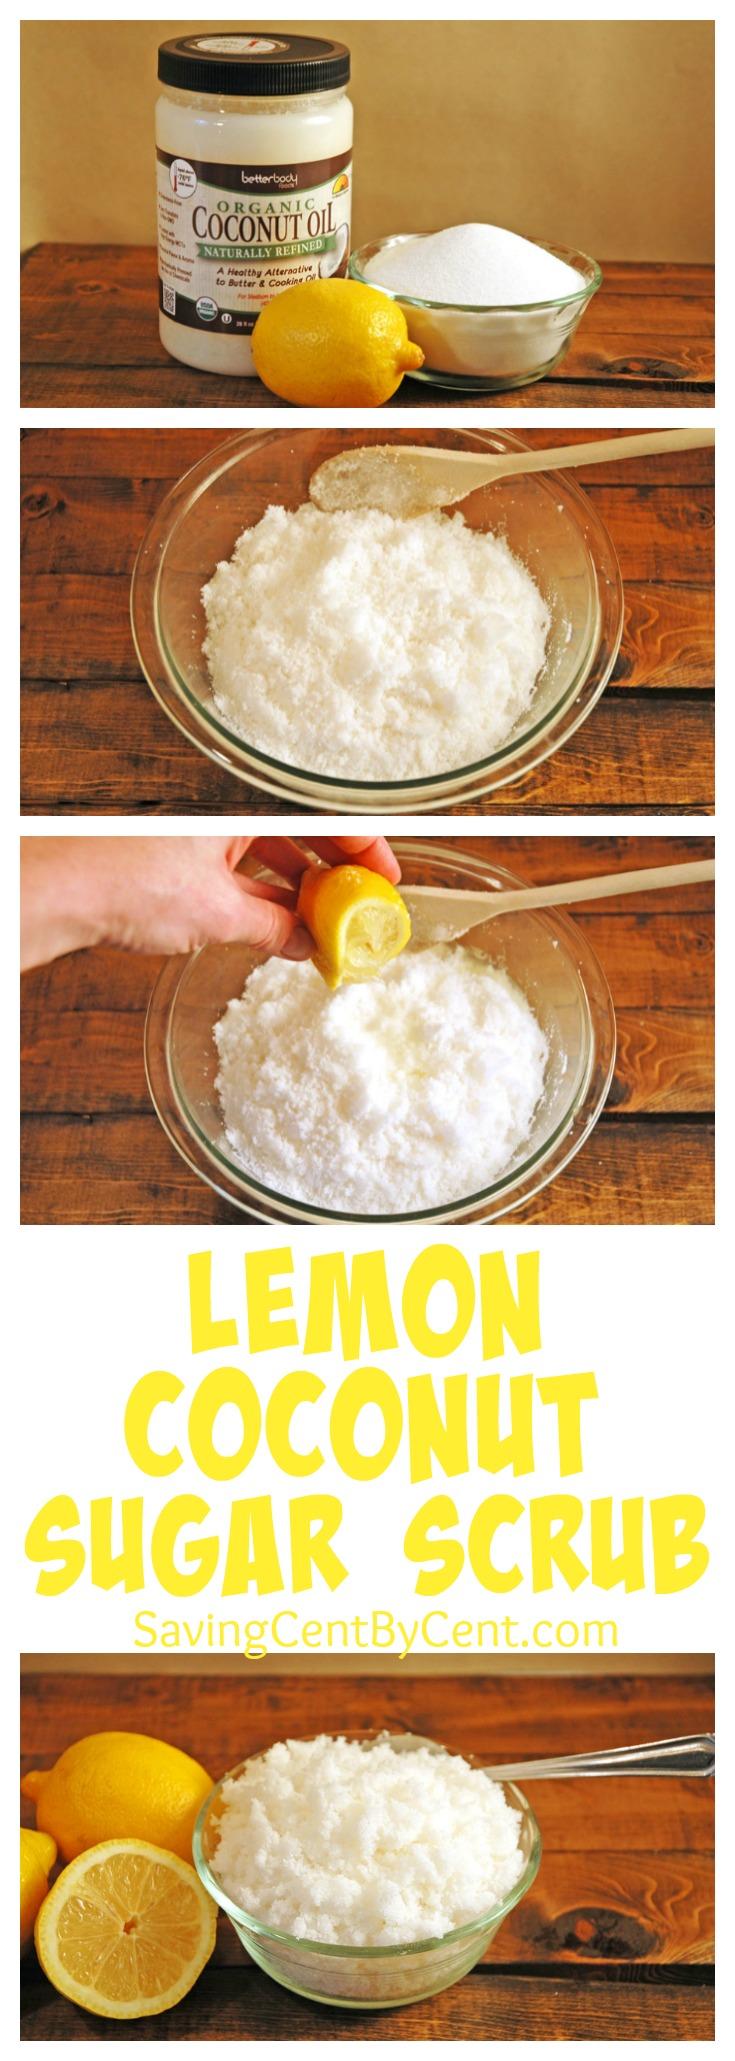 Homemade Lemon Coconut Sugar Scrub